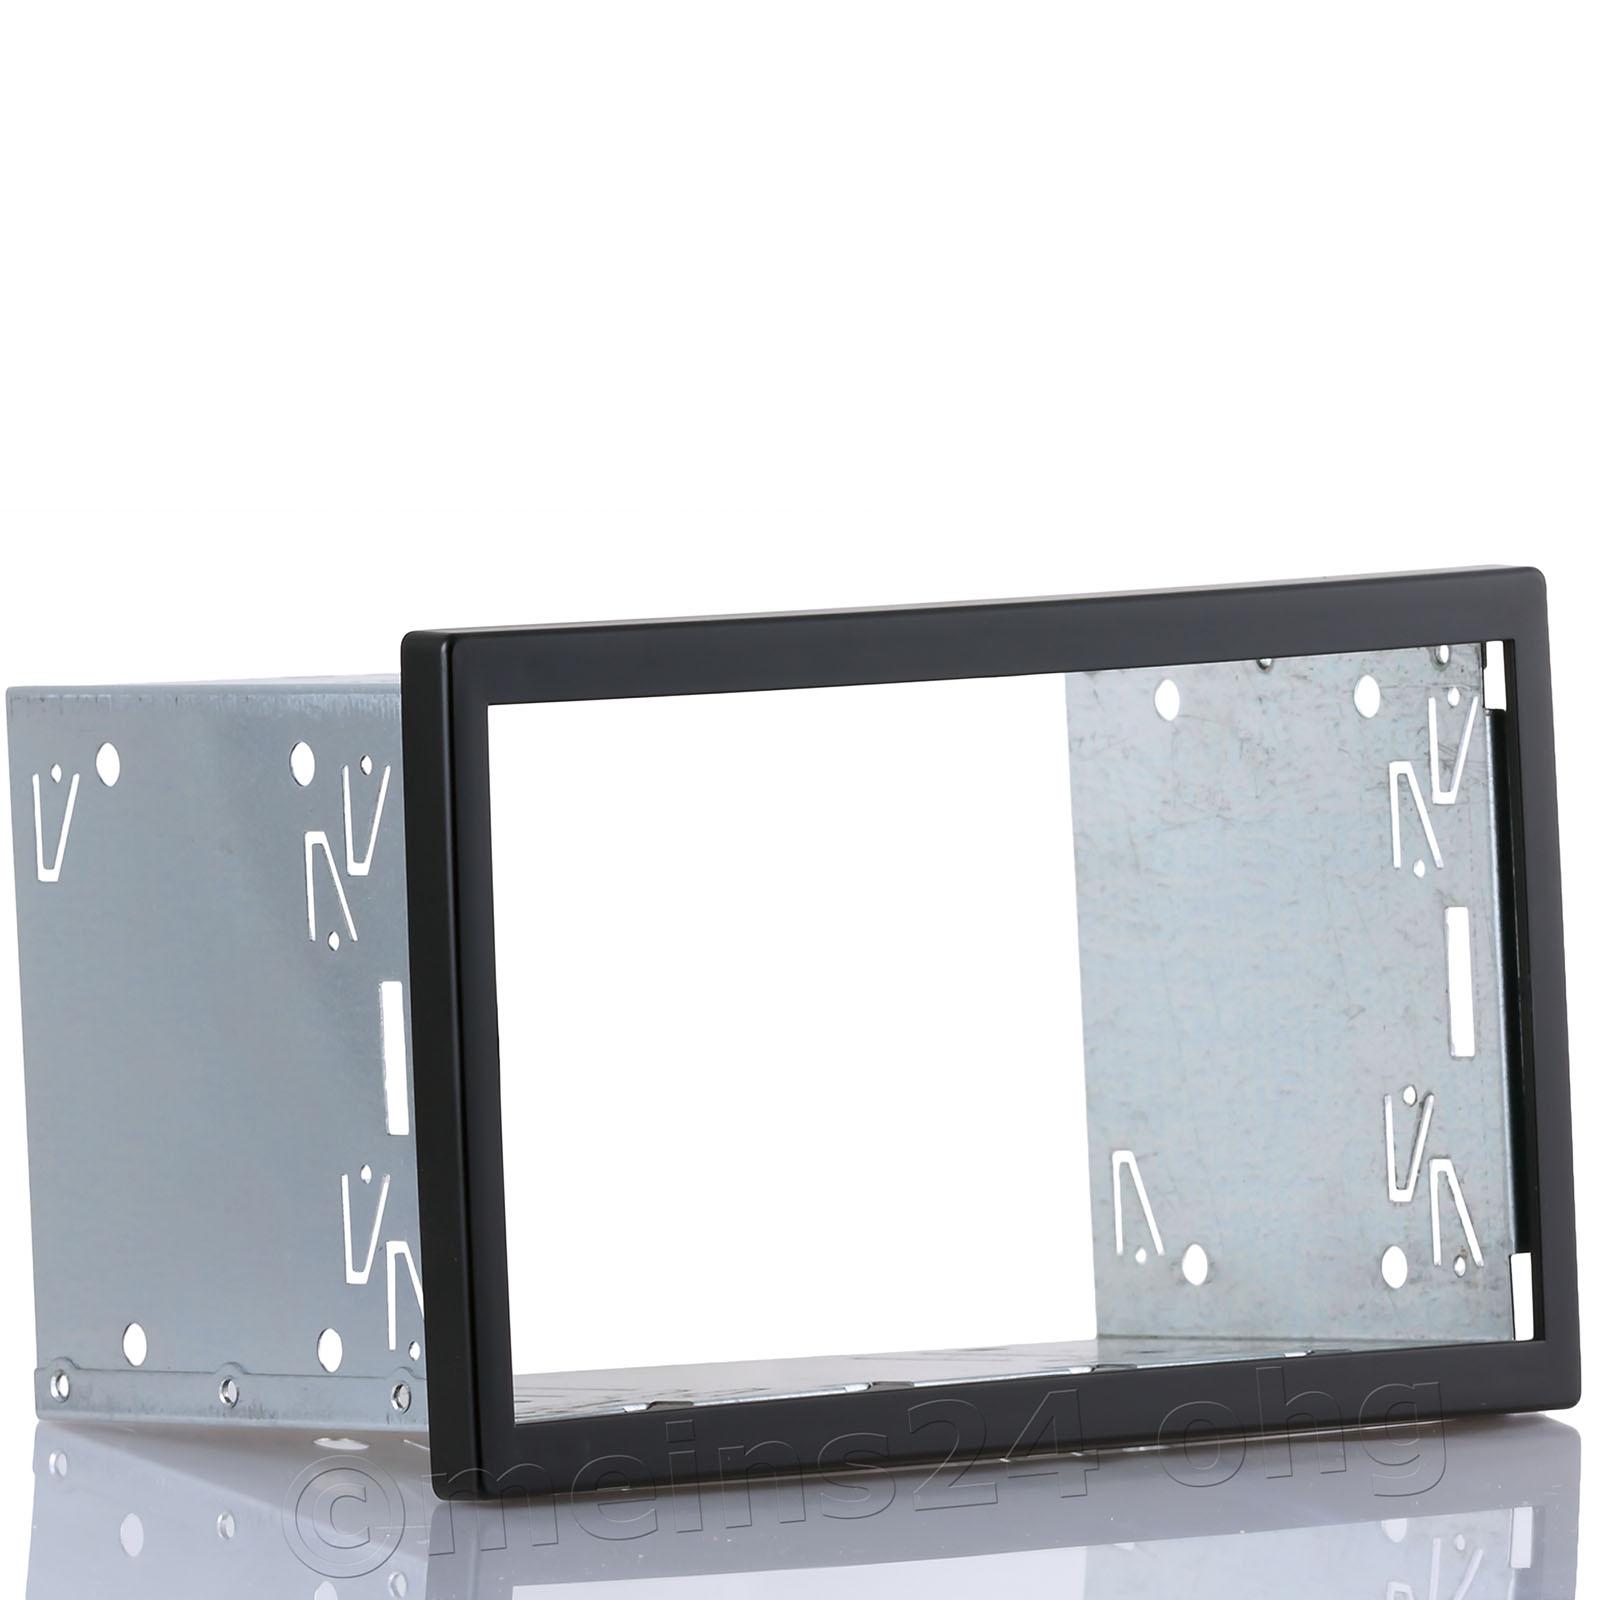 Doppel ISO Radioblende / Einbauschacht Universal (BxH:189x115mm)